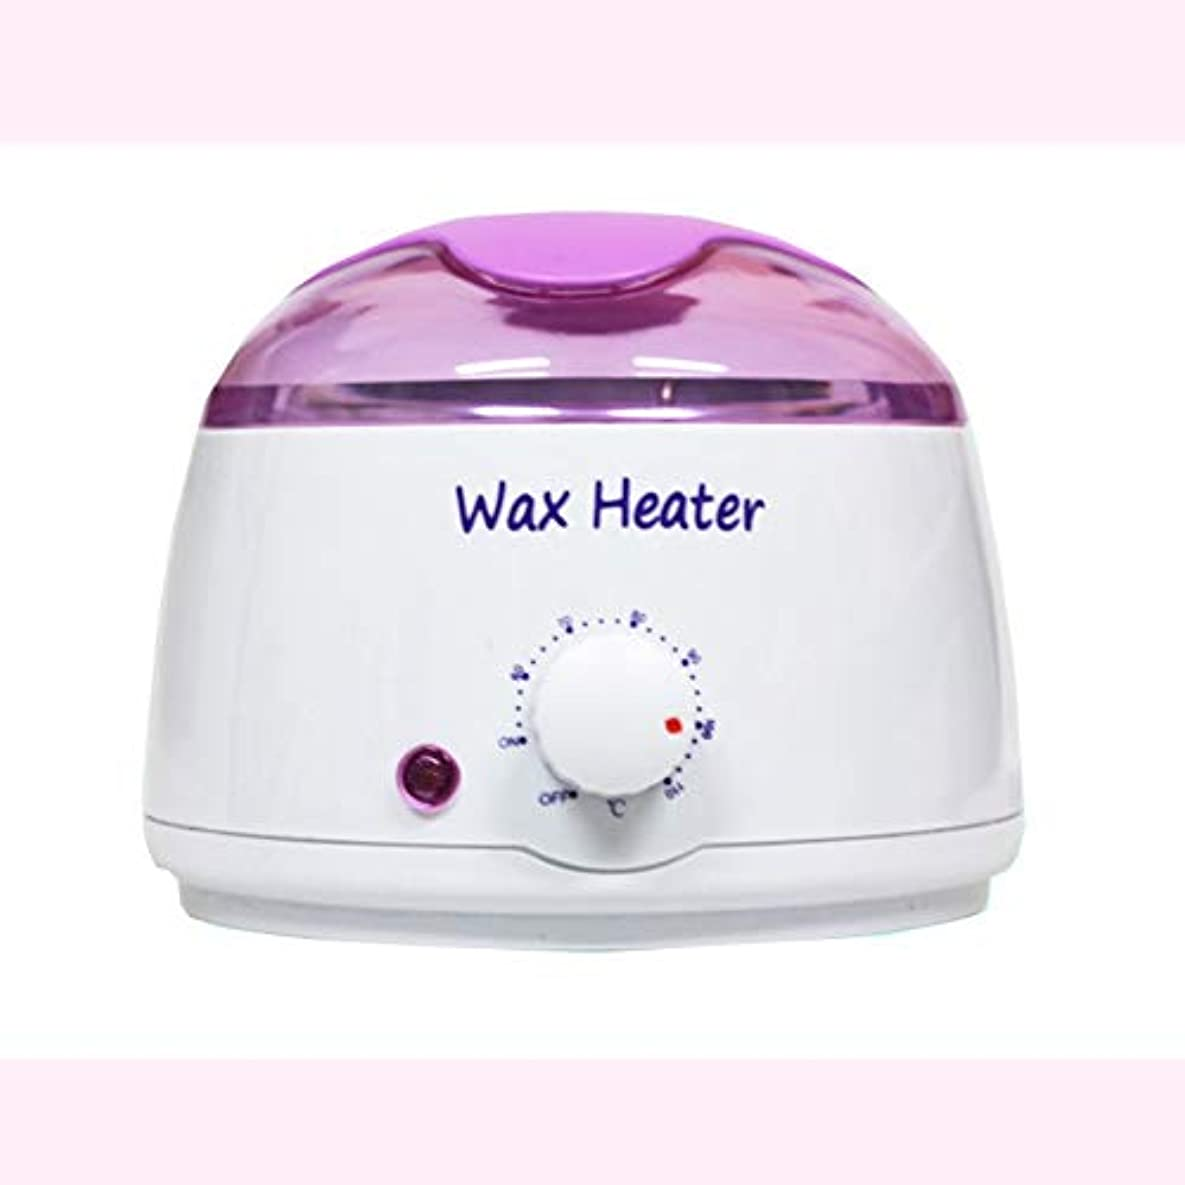 息切れ悪化させる男やもめ専門の電気ワックスのウォーマーおよびヒーター、女性/人のための毛の取り外しの家のワックスのためのワックスのメルターは小型多機能のワックス機械を熱します